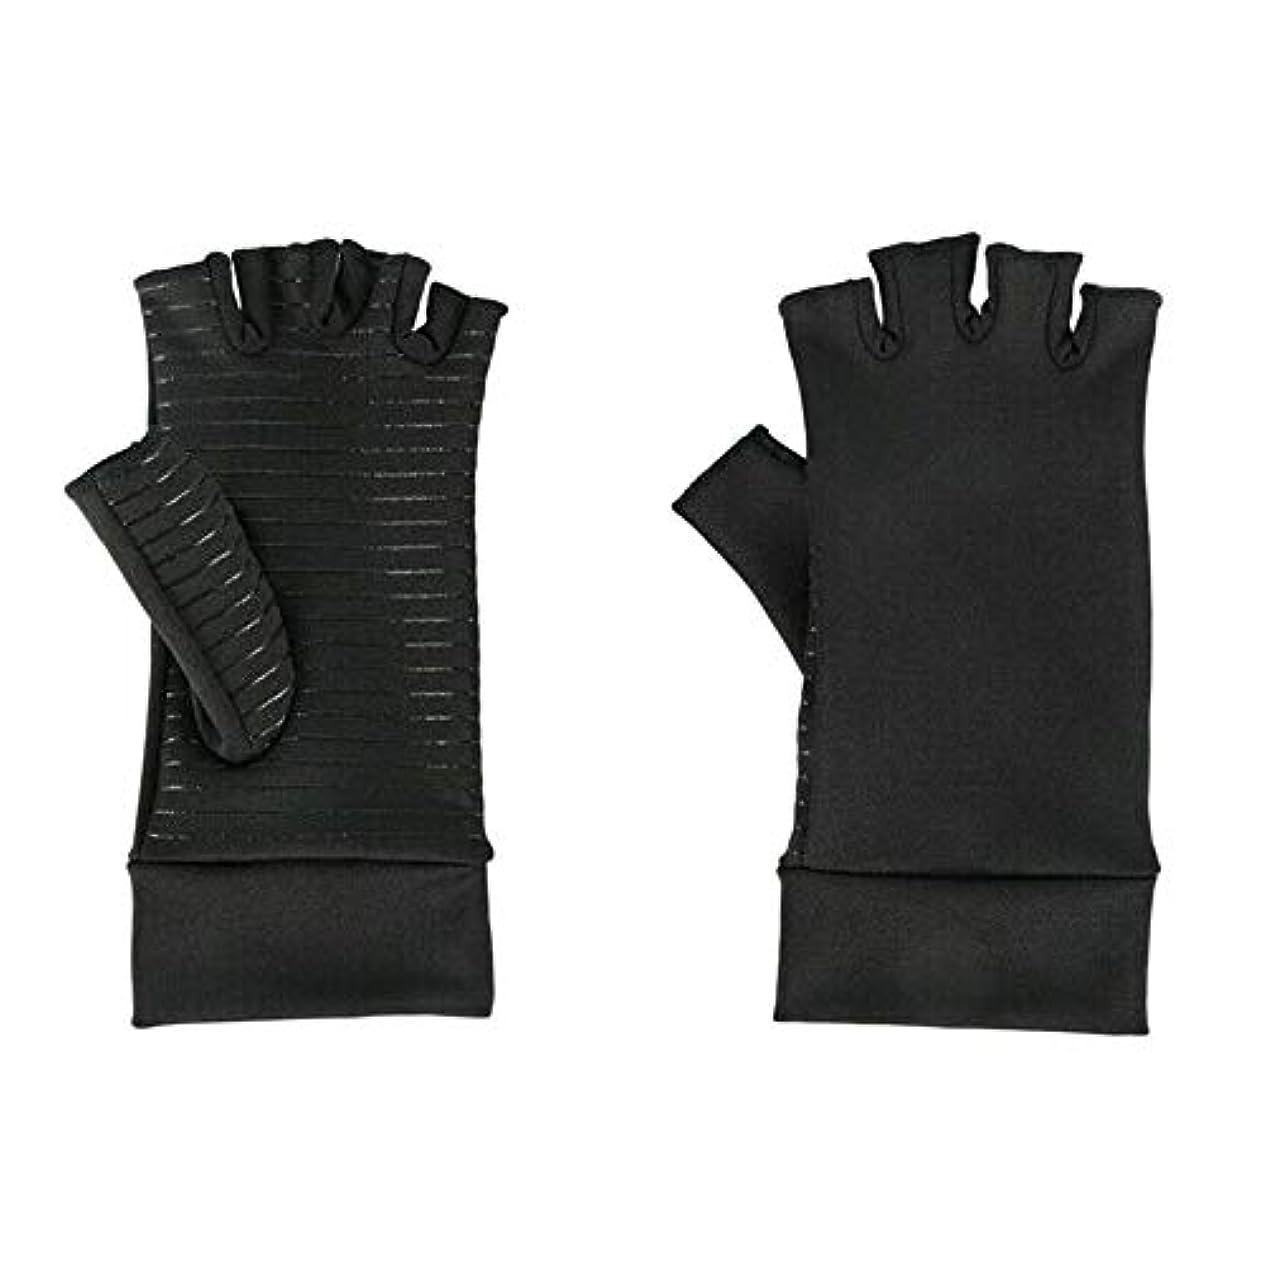 カウンターパートワインACAMPTAR 圧縮手袋、関節炎、手根管、手首の装具、サポート、S